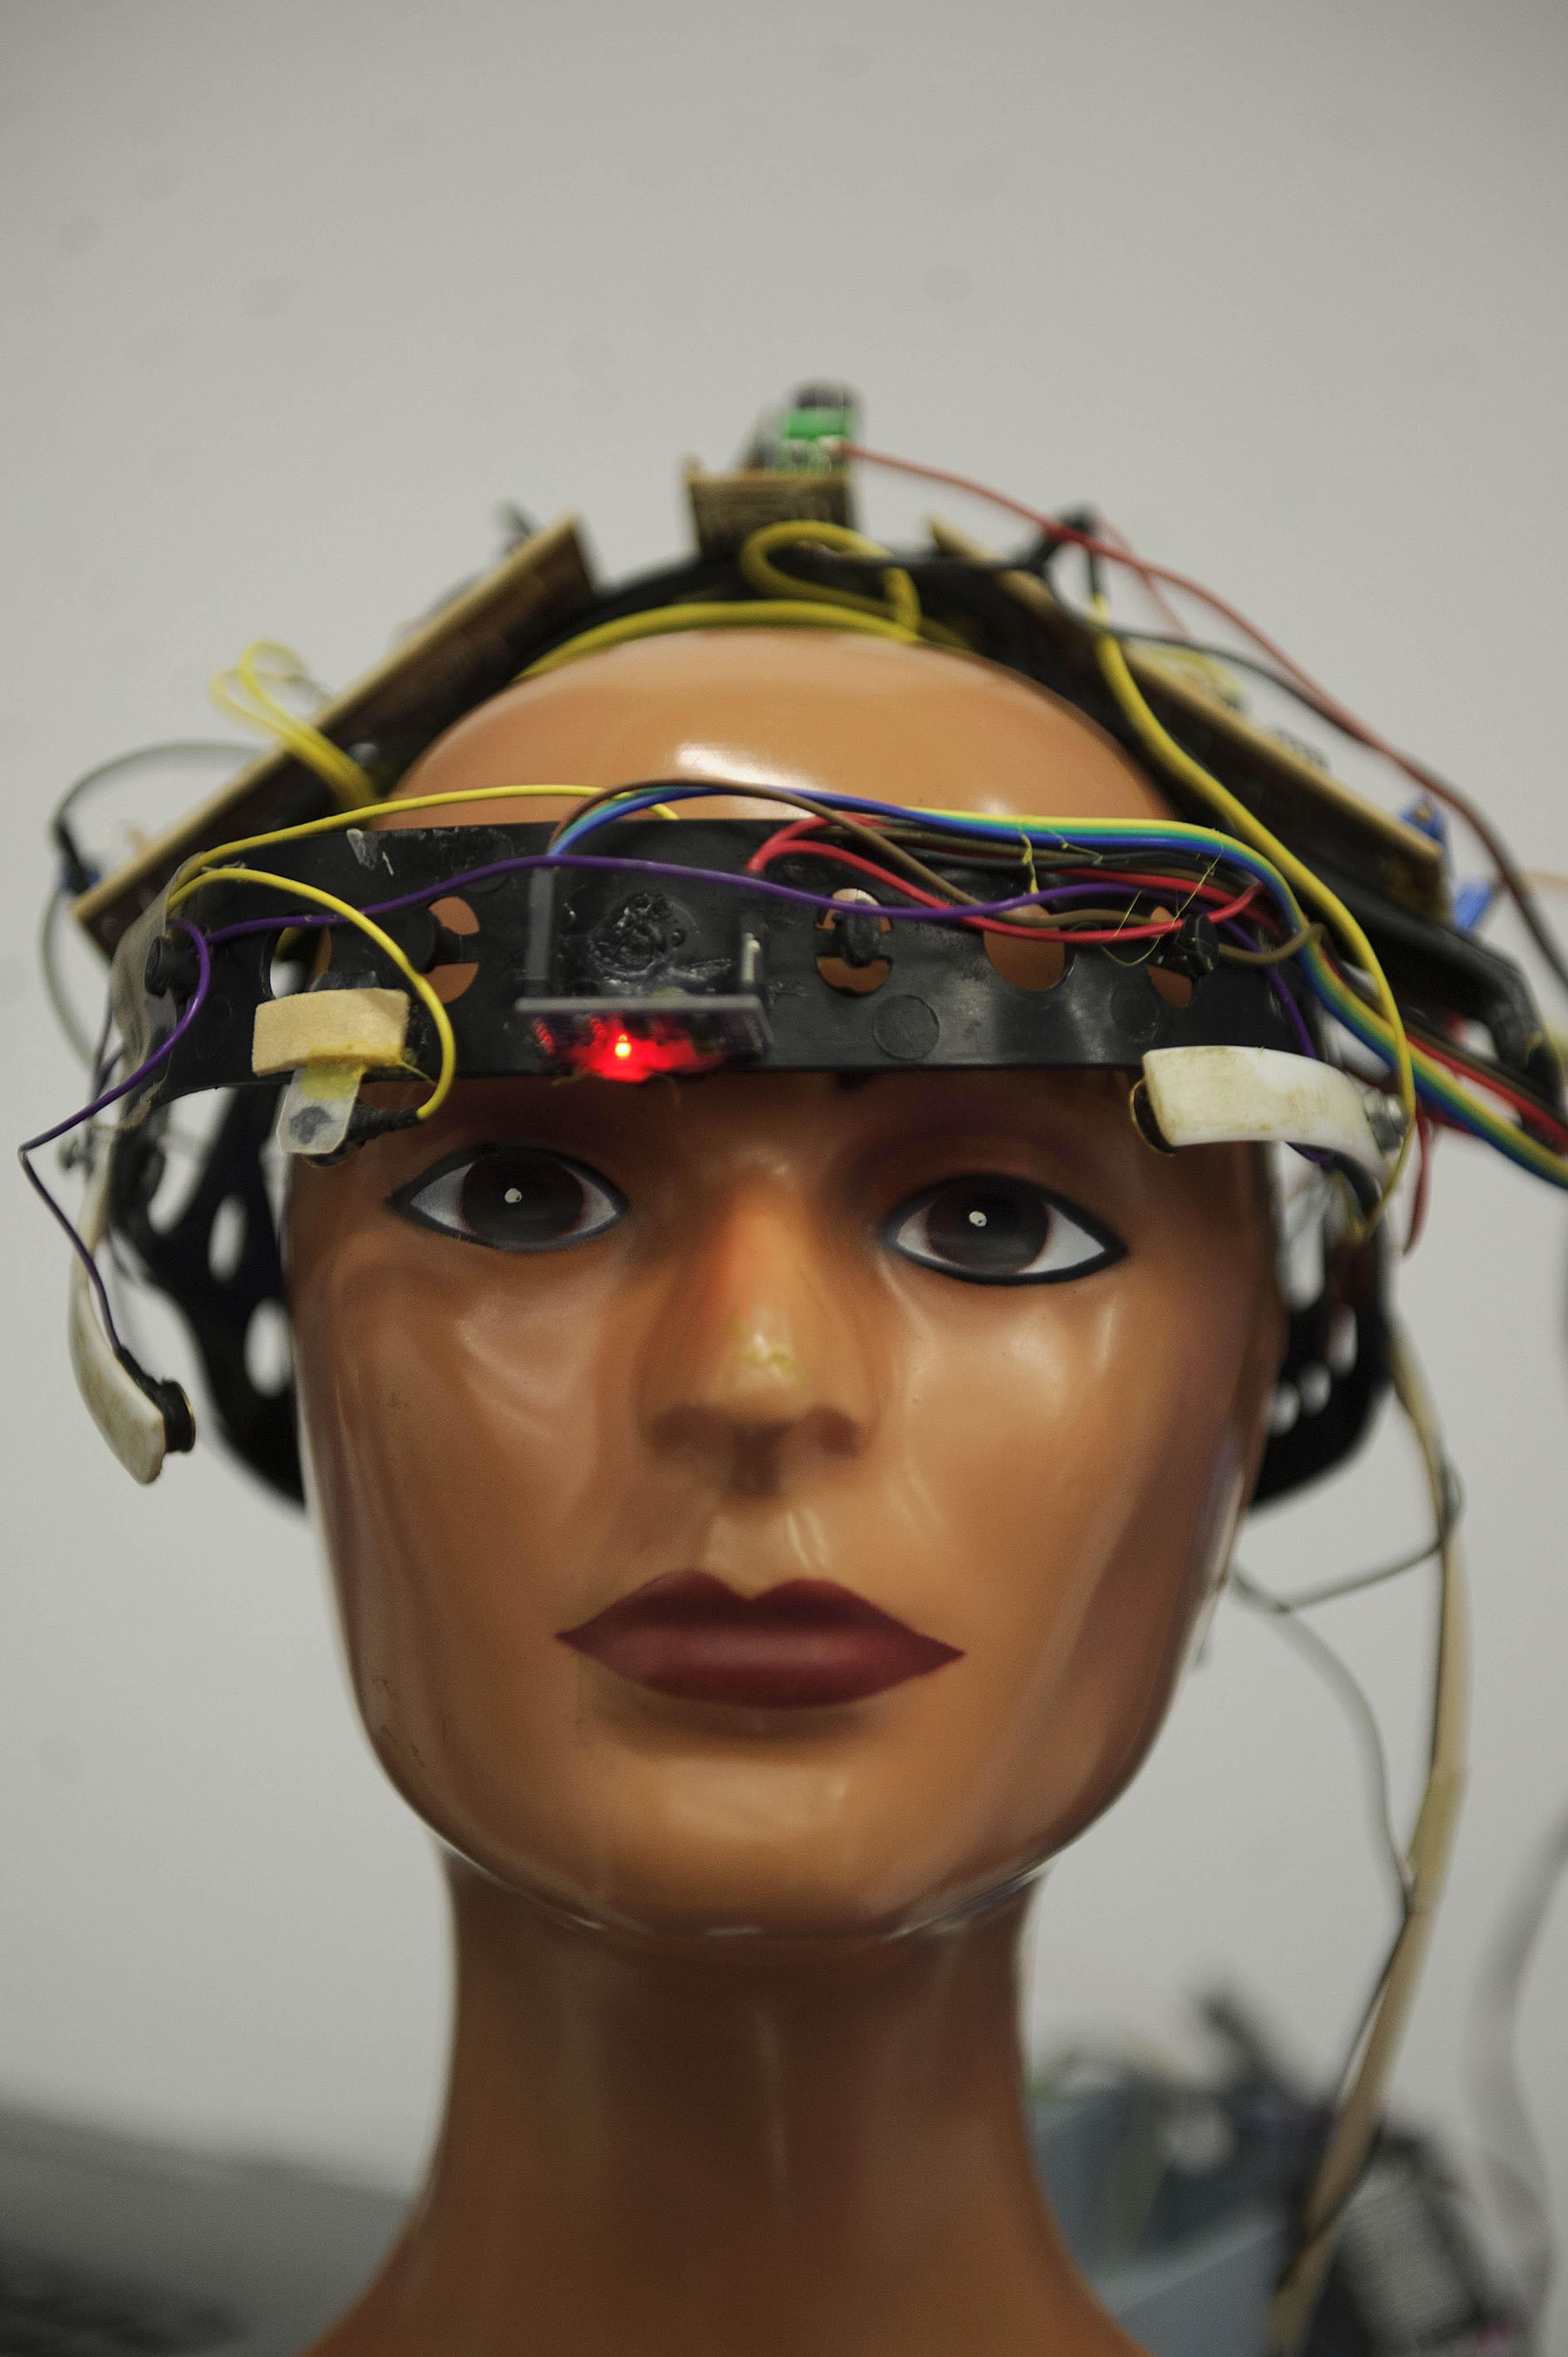 prototipo de un dispositivo que permitirá a las personas con discapacidad motriz, comunicarse por medio del movimiento muscular de los ojos.